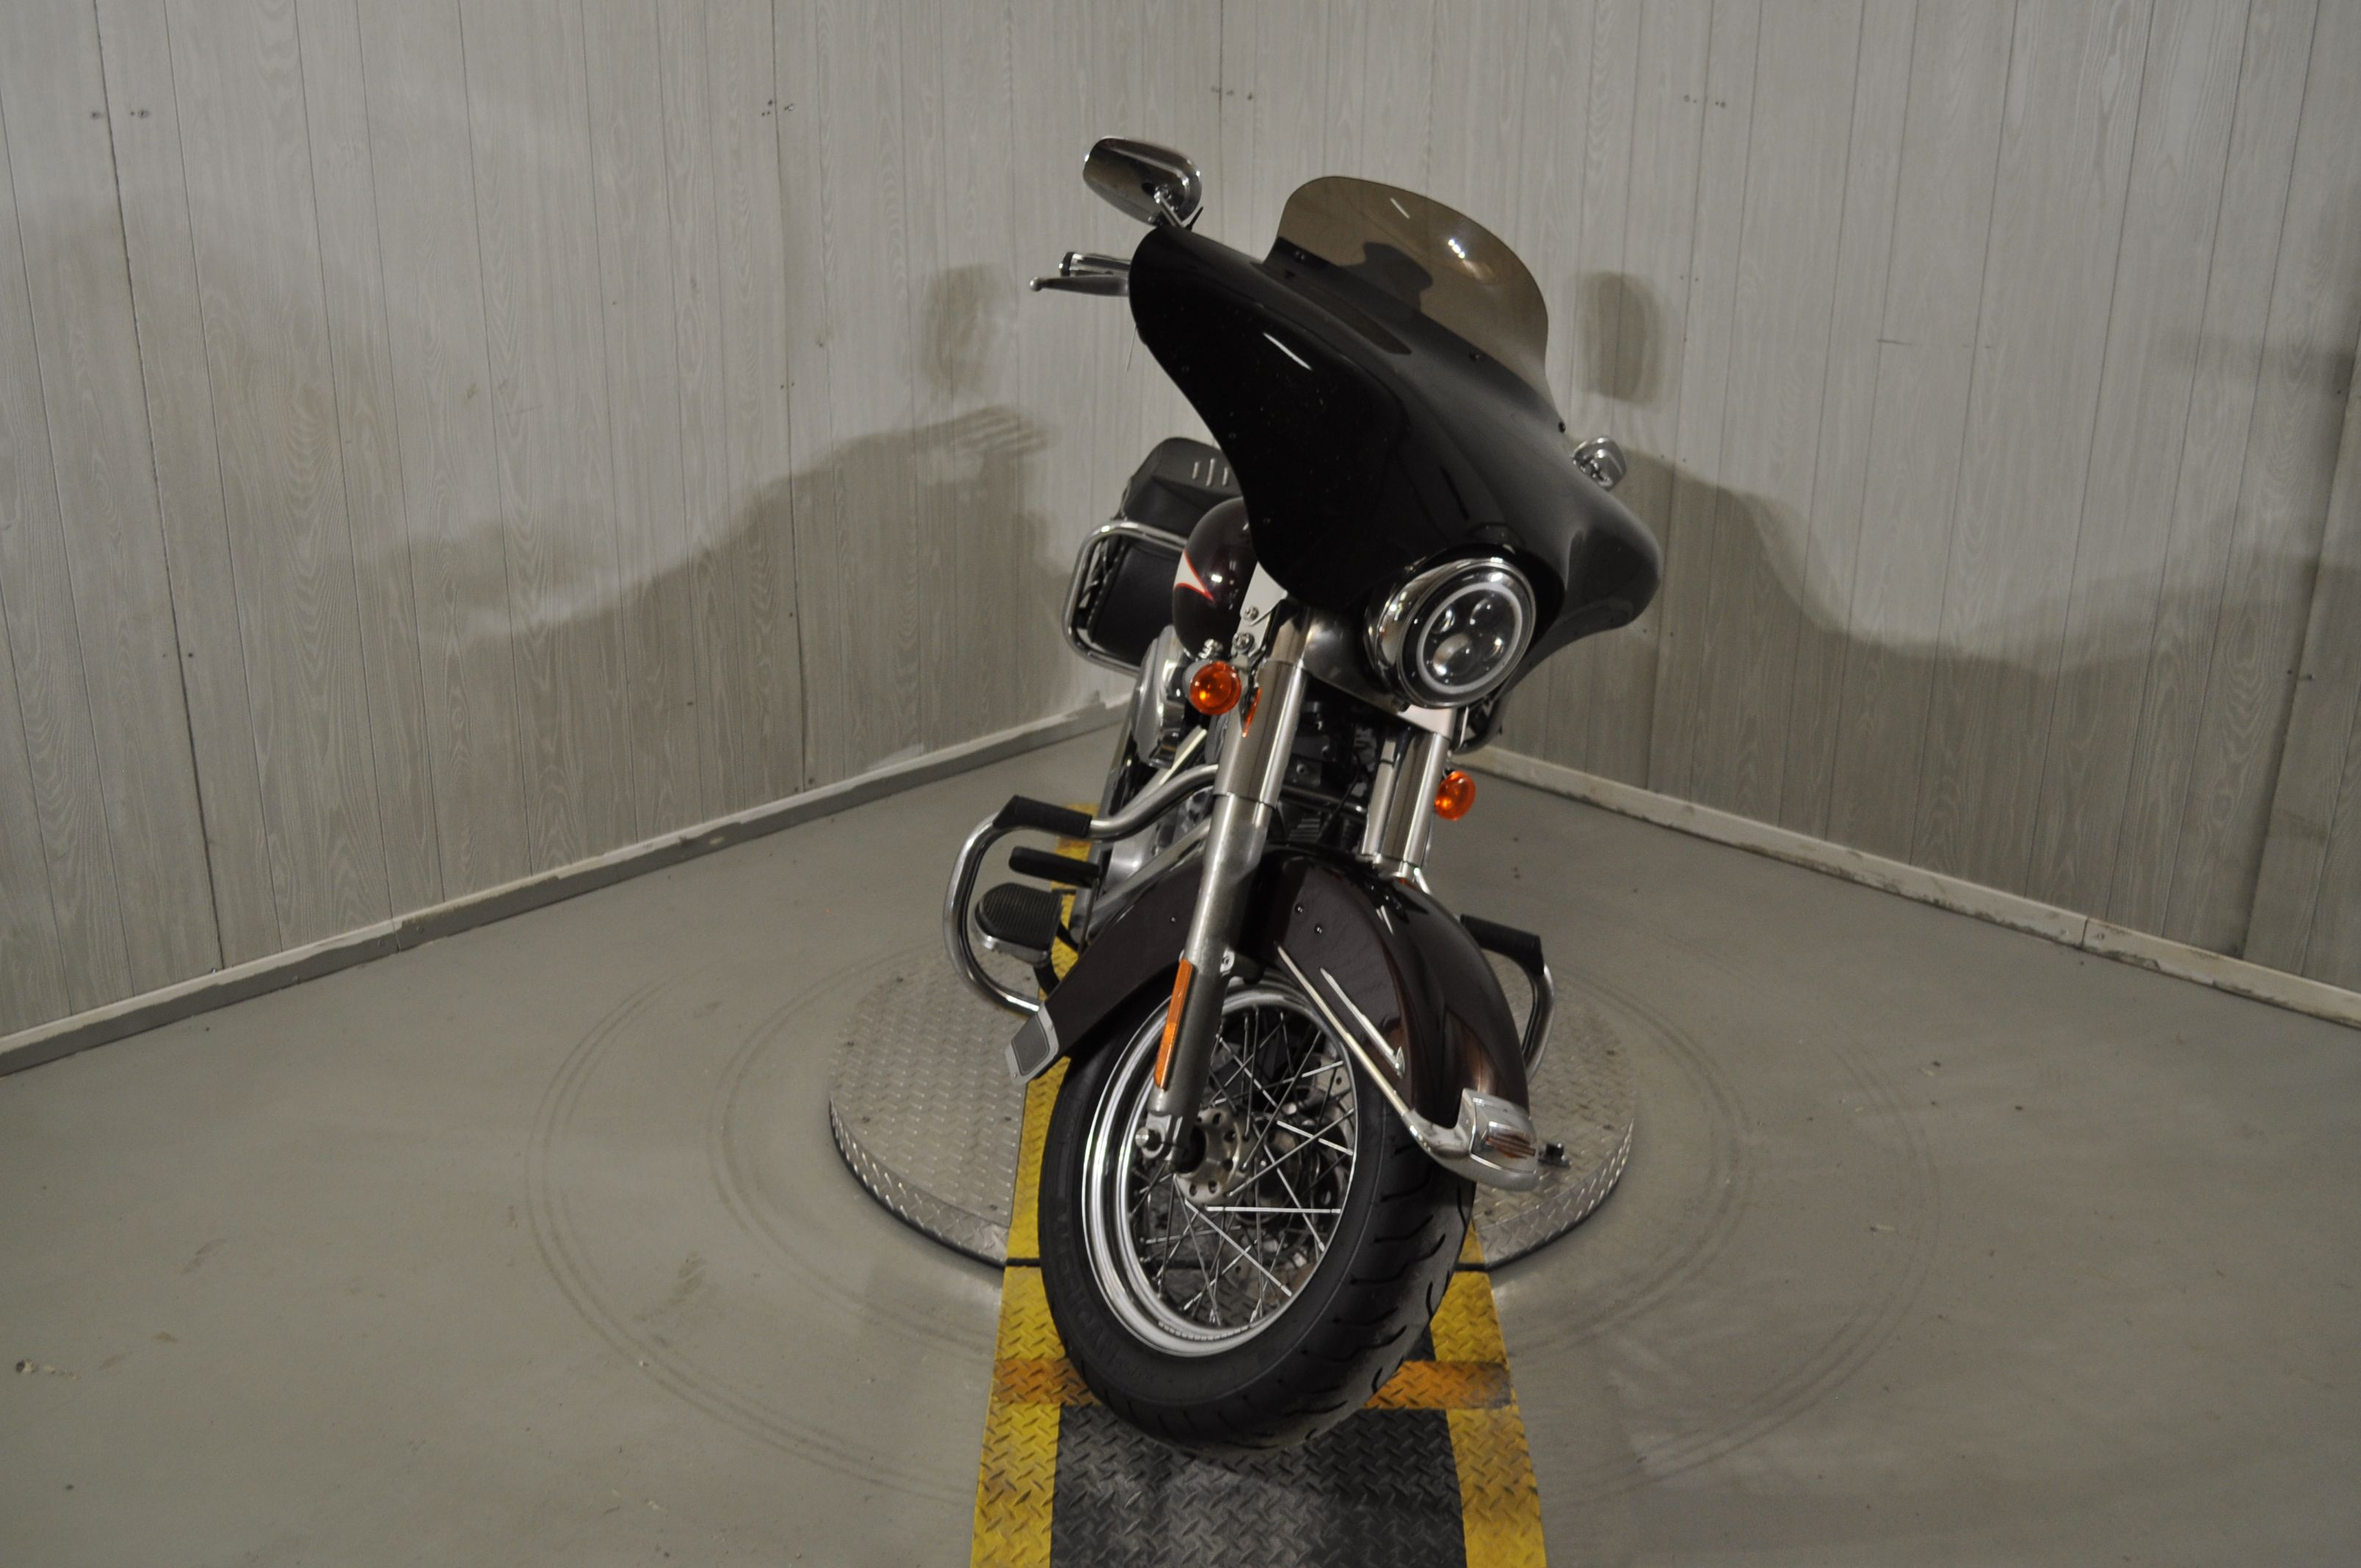 Pre-Owned 2006 Harley-Davidson Heritage Softail FLST